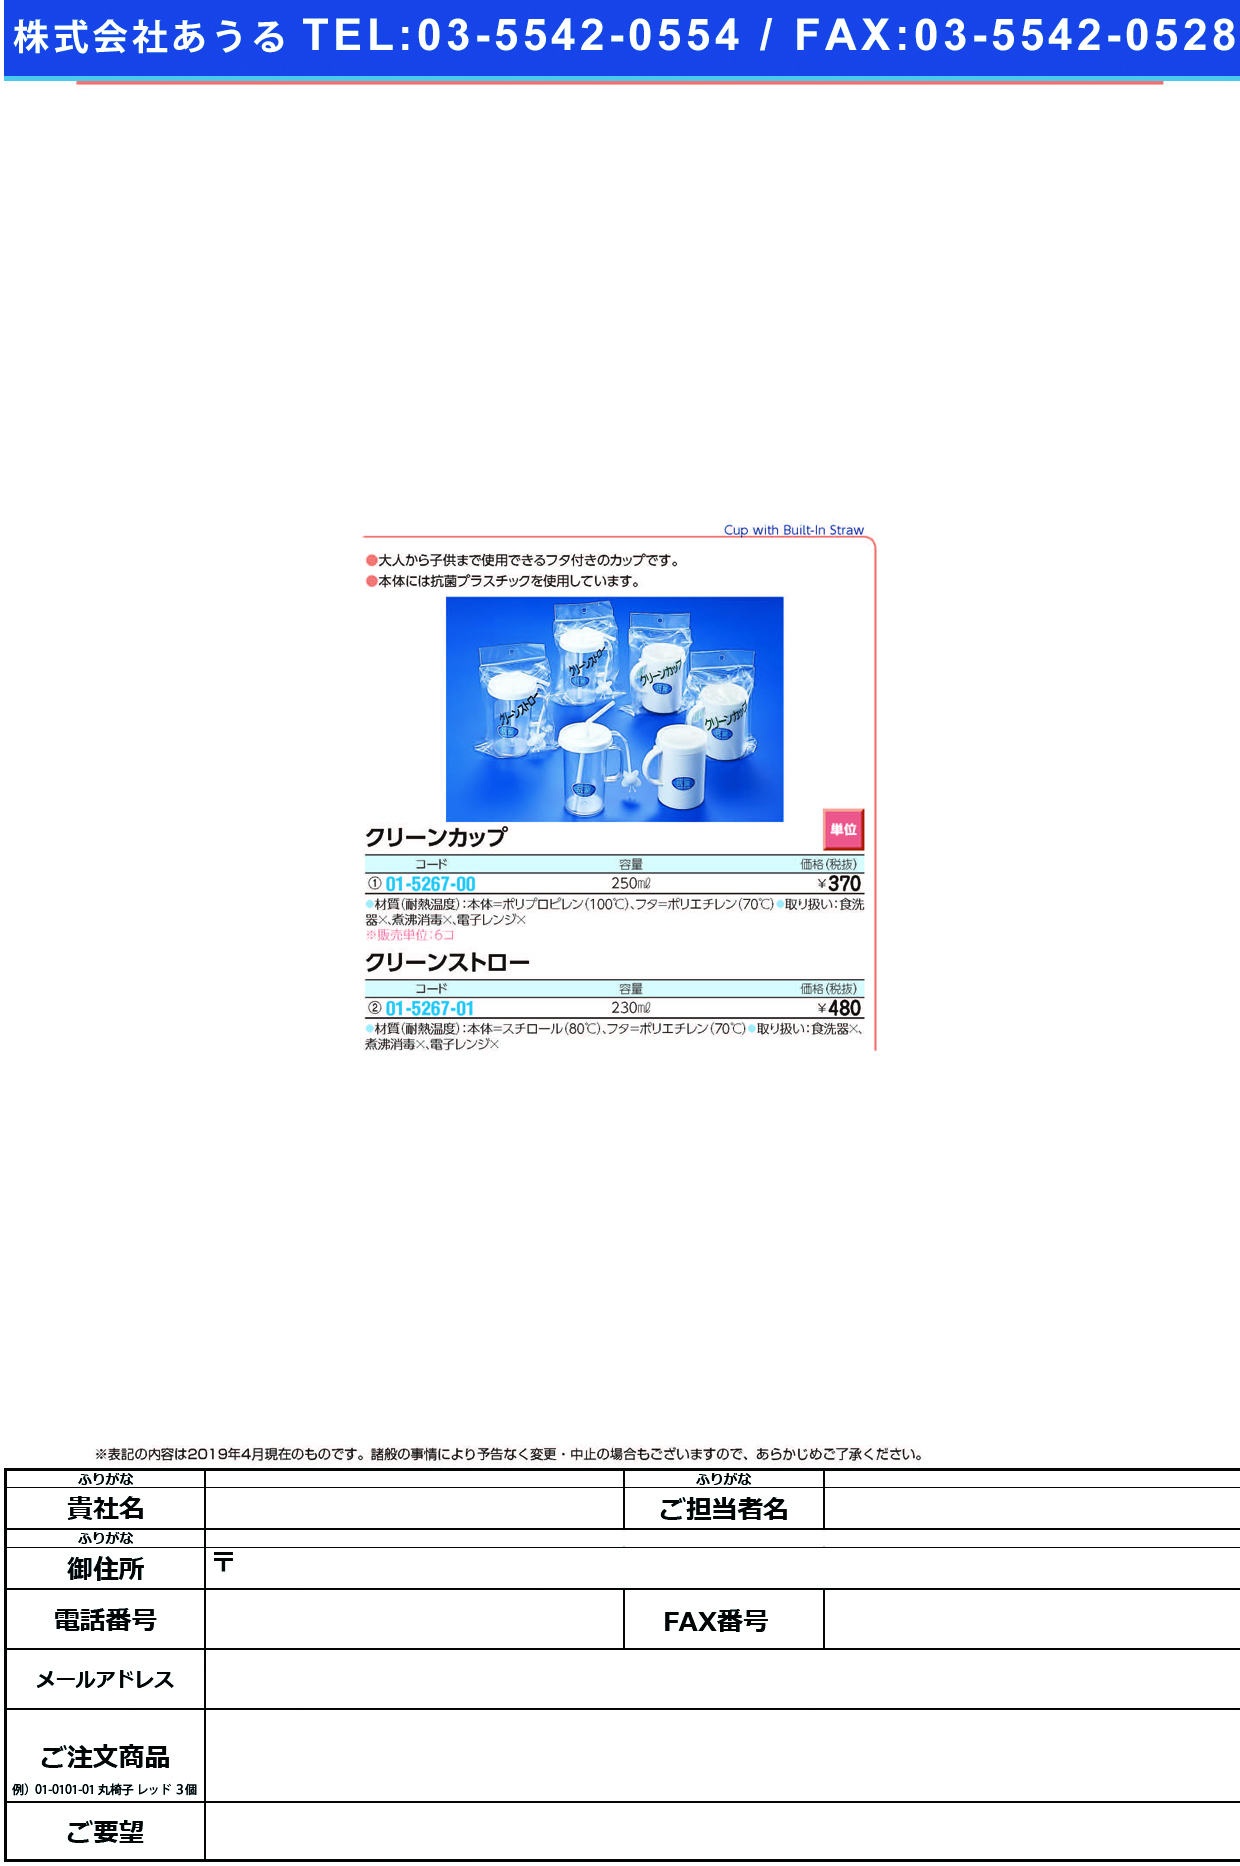 (01-5267-01)OSGクリーンストロー 230ML クリーンストロー【1個単位】【2019年カタログ商品】